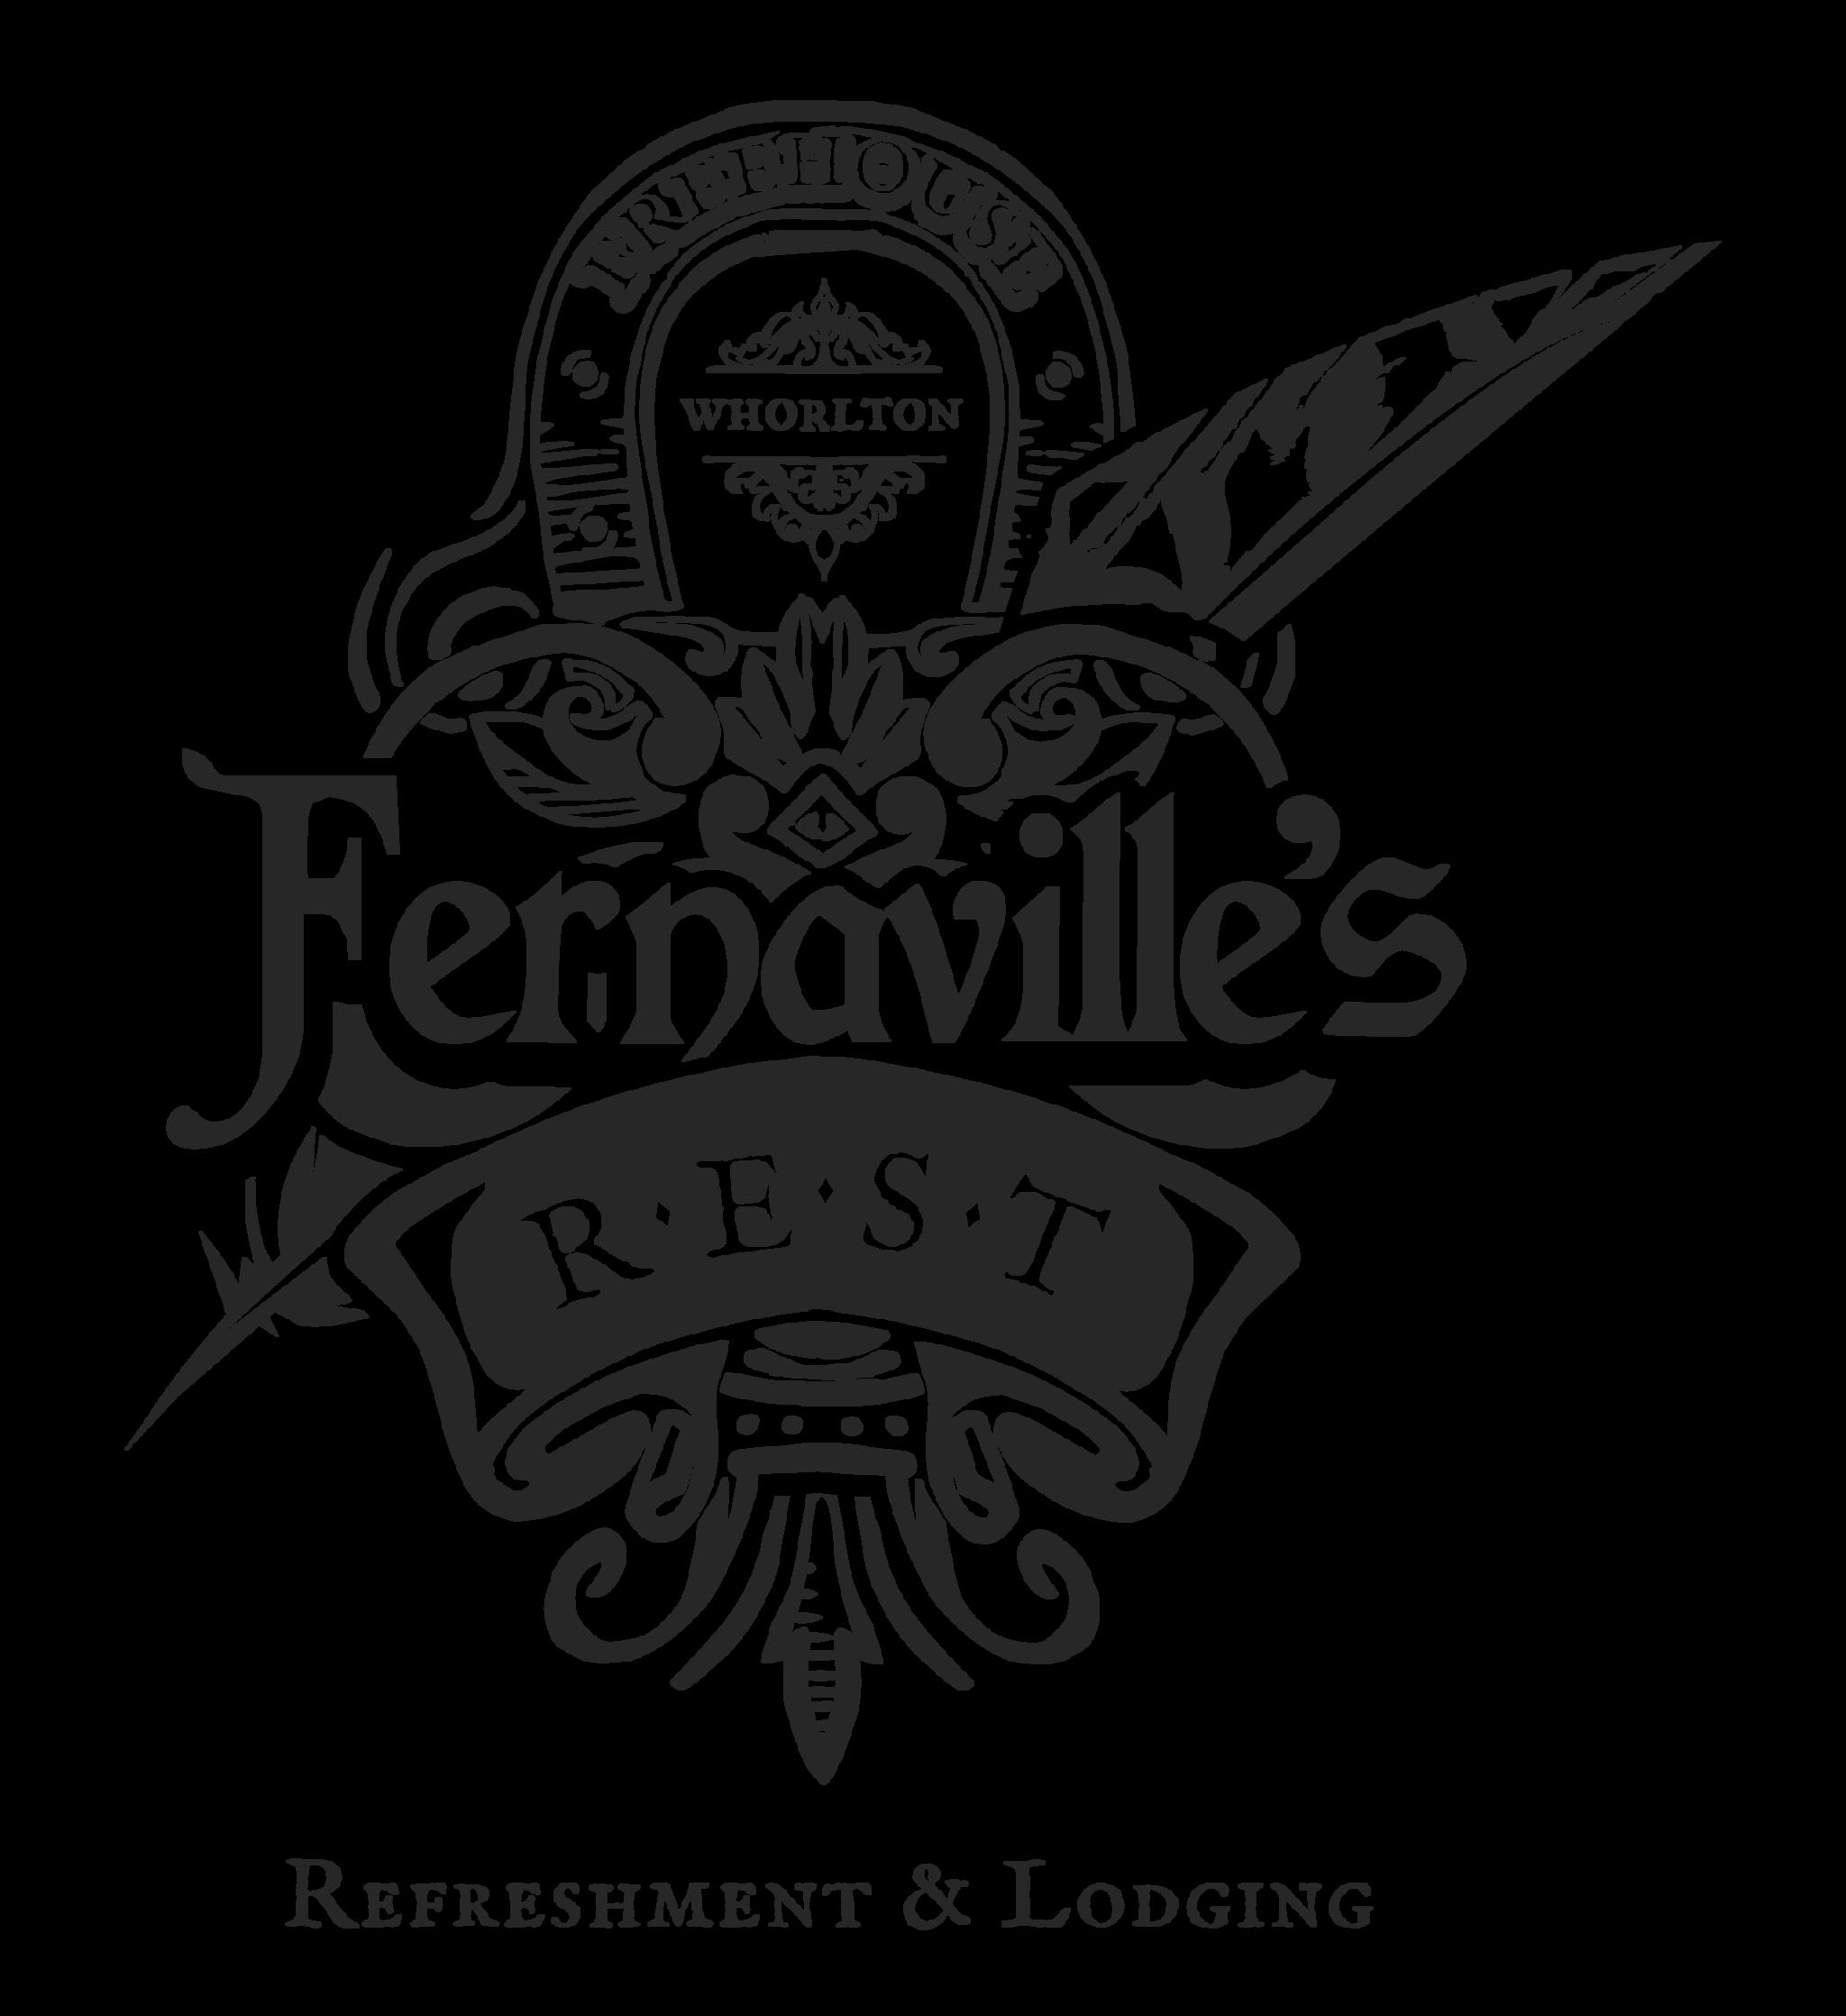 Fernaville's Rest